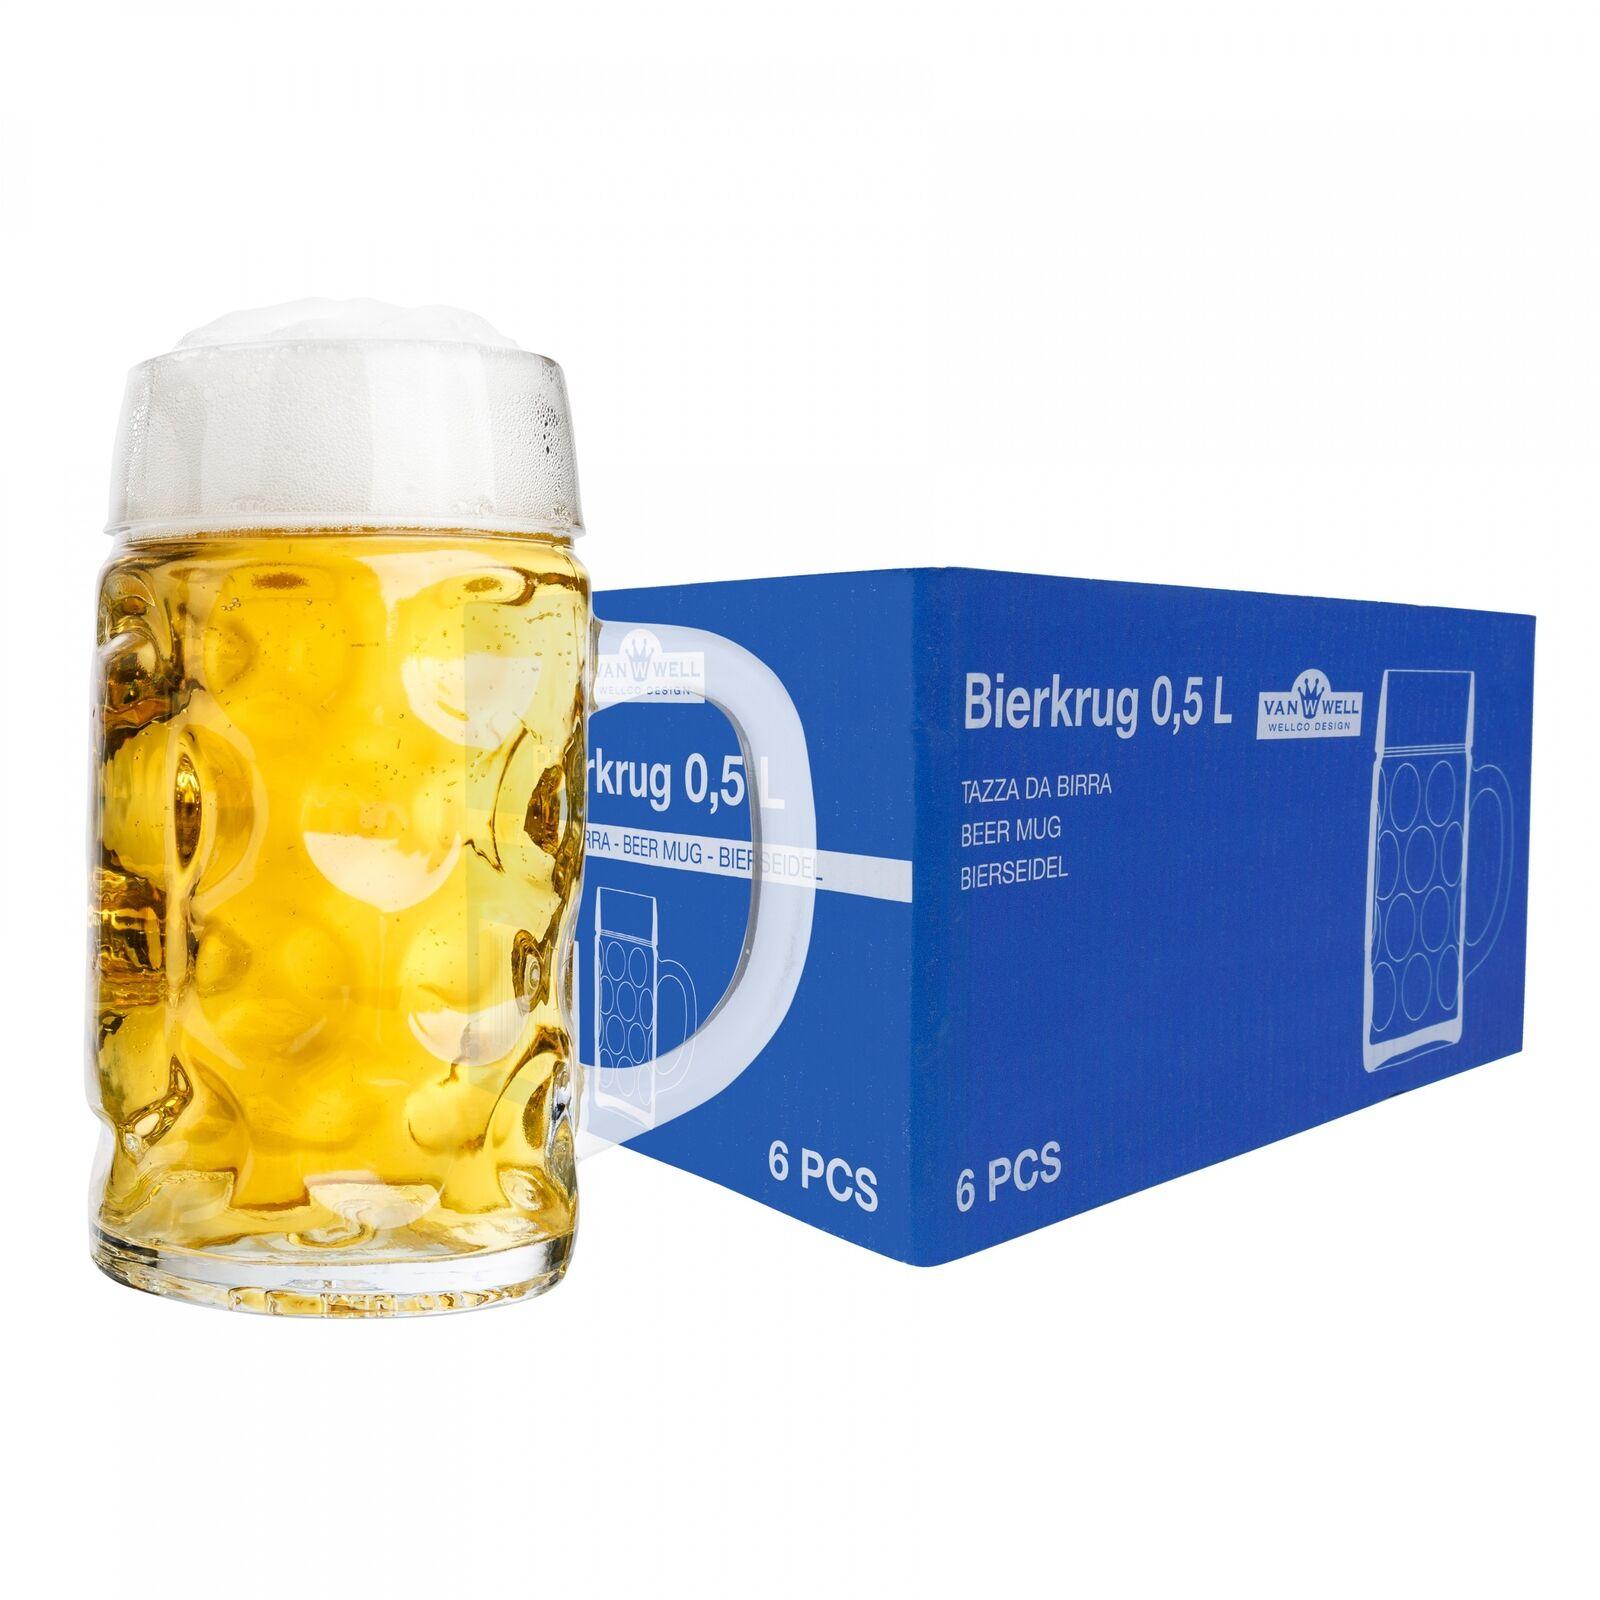 6er Set Maßkrug 0,5L geeicht Bierkrug Glas Biergläser Krüge Krug Gläser Maßkrüge